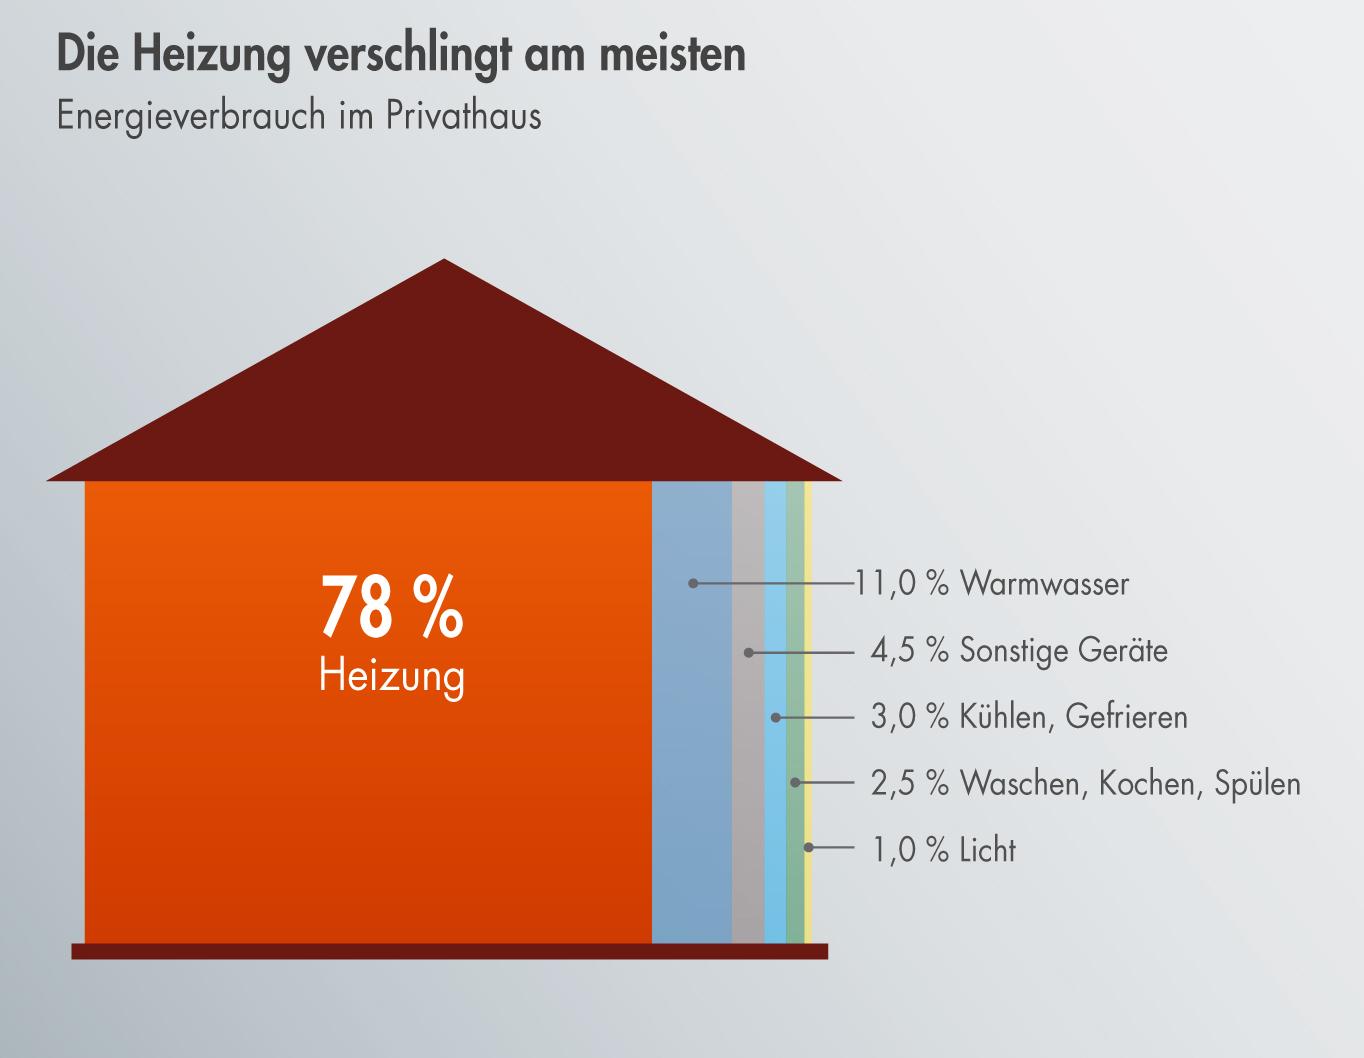 heizenergie sparen bedeutet co2 sparen wie das geht zeigt landrat tritthart co2 fasten staffel. Black Bedroom Furniture Sets. Home Design Ideas